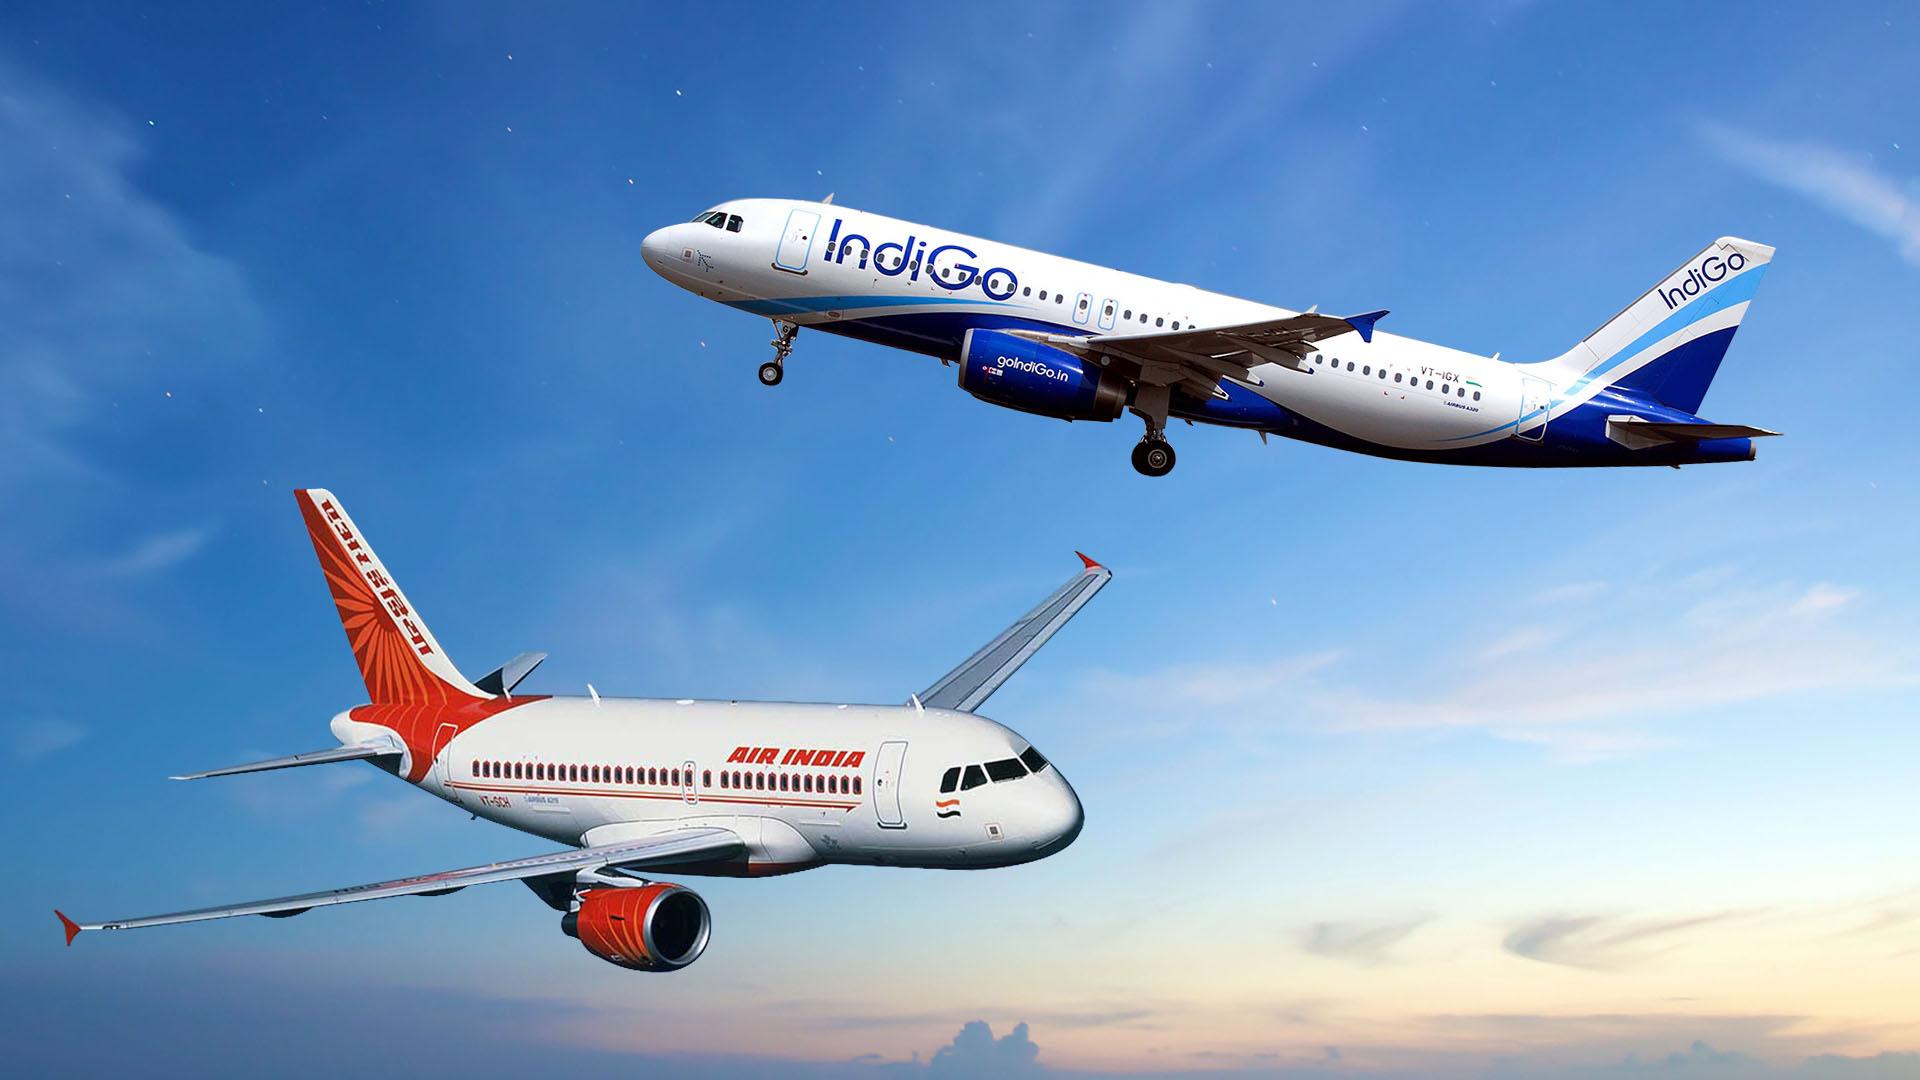 Indigo Air Travel India